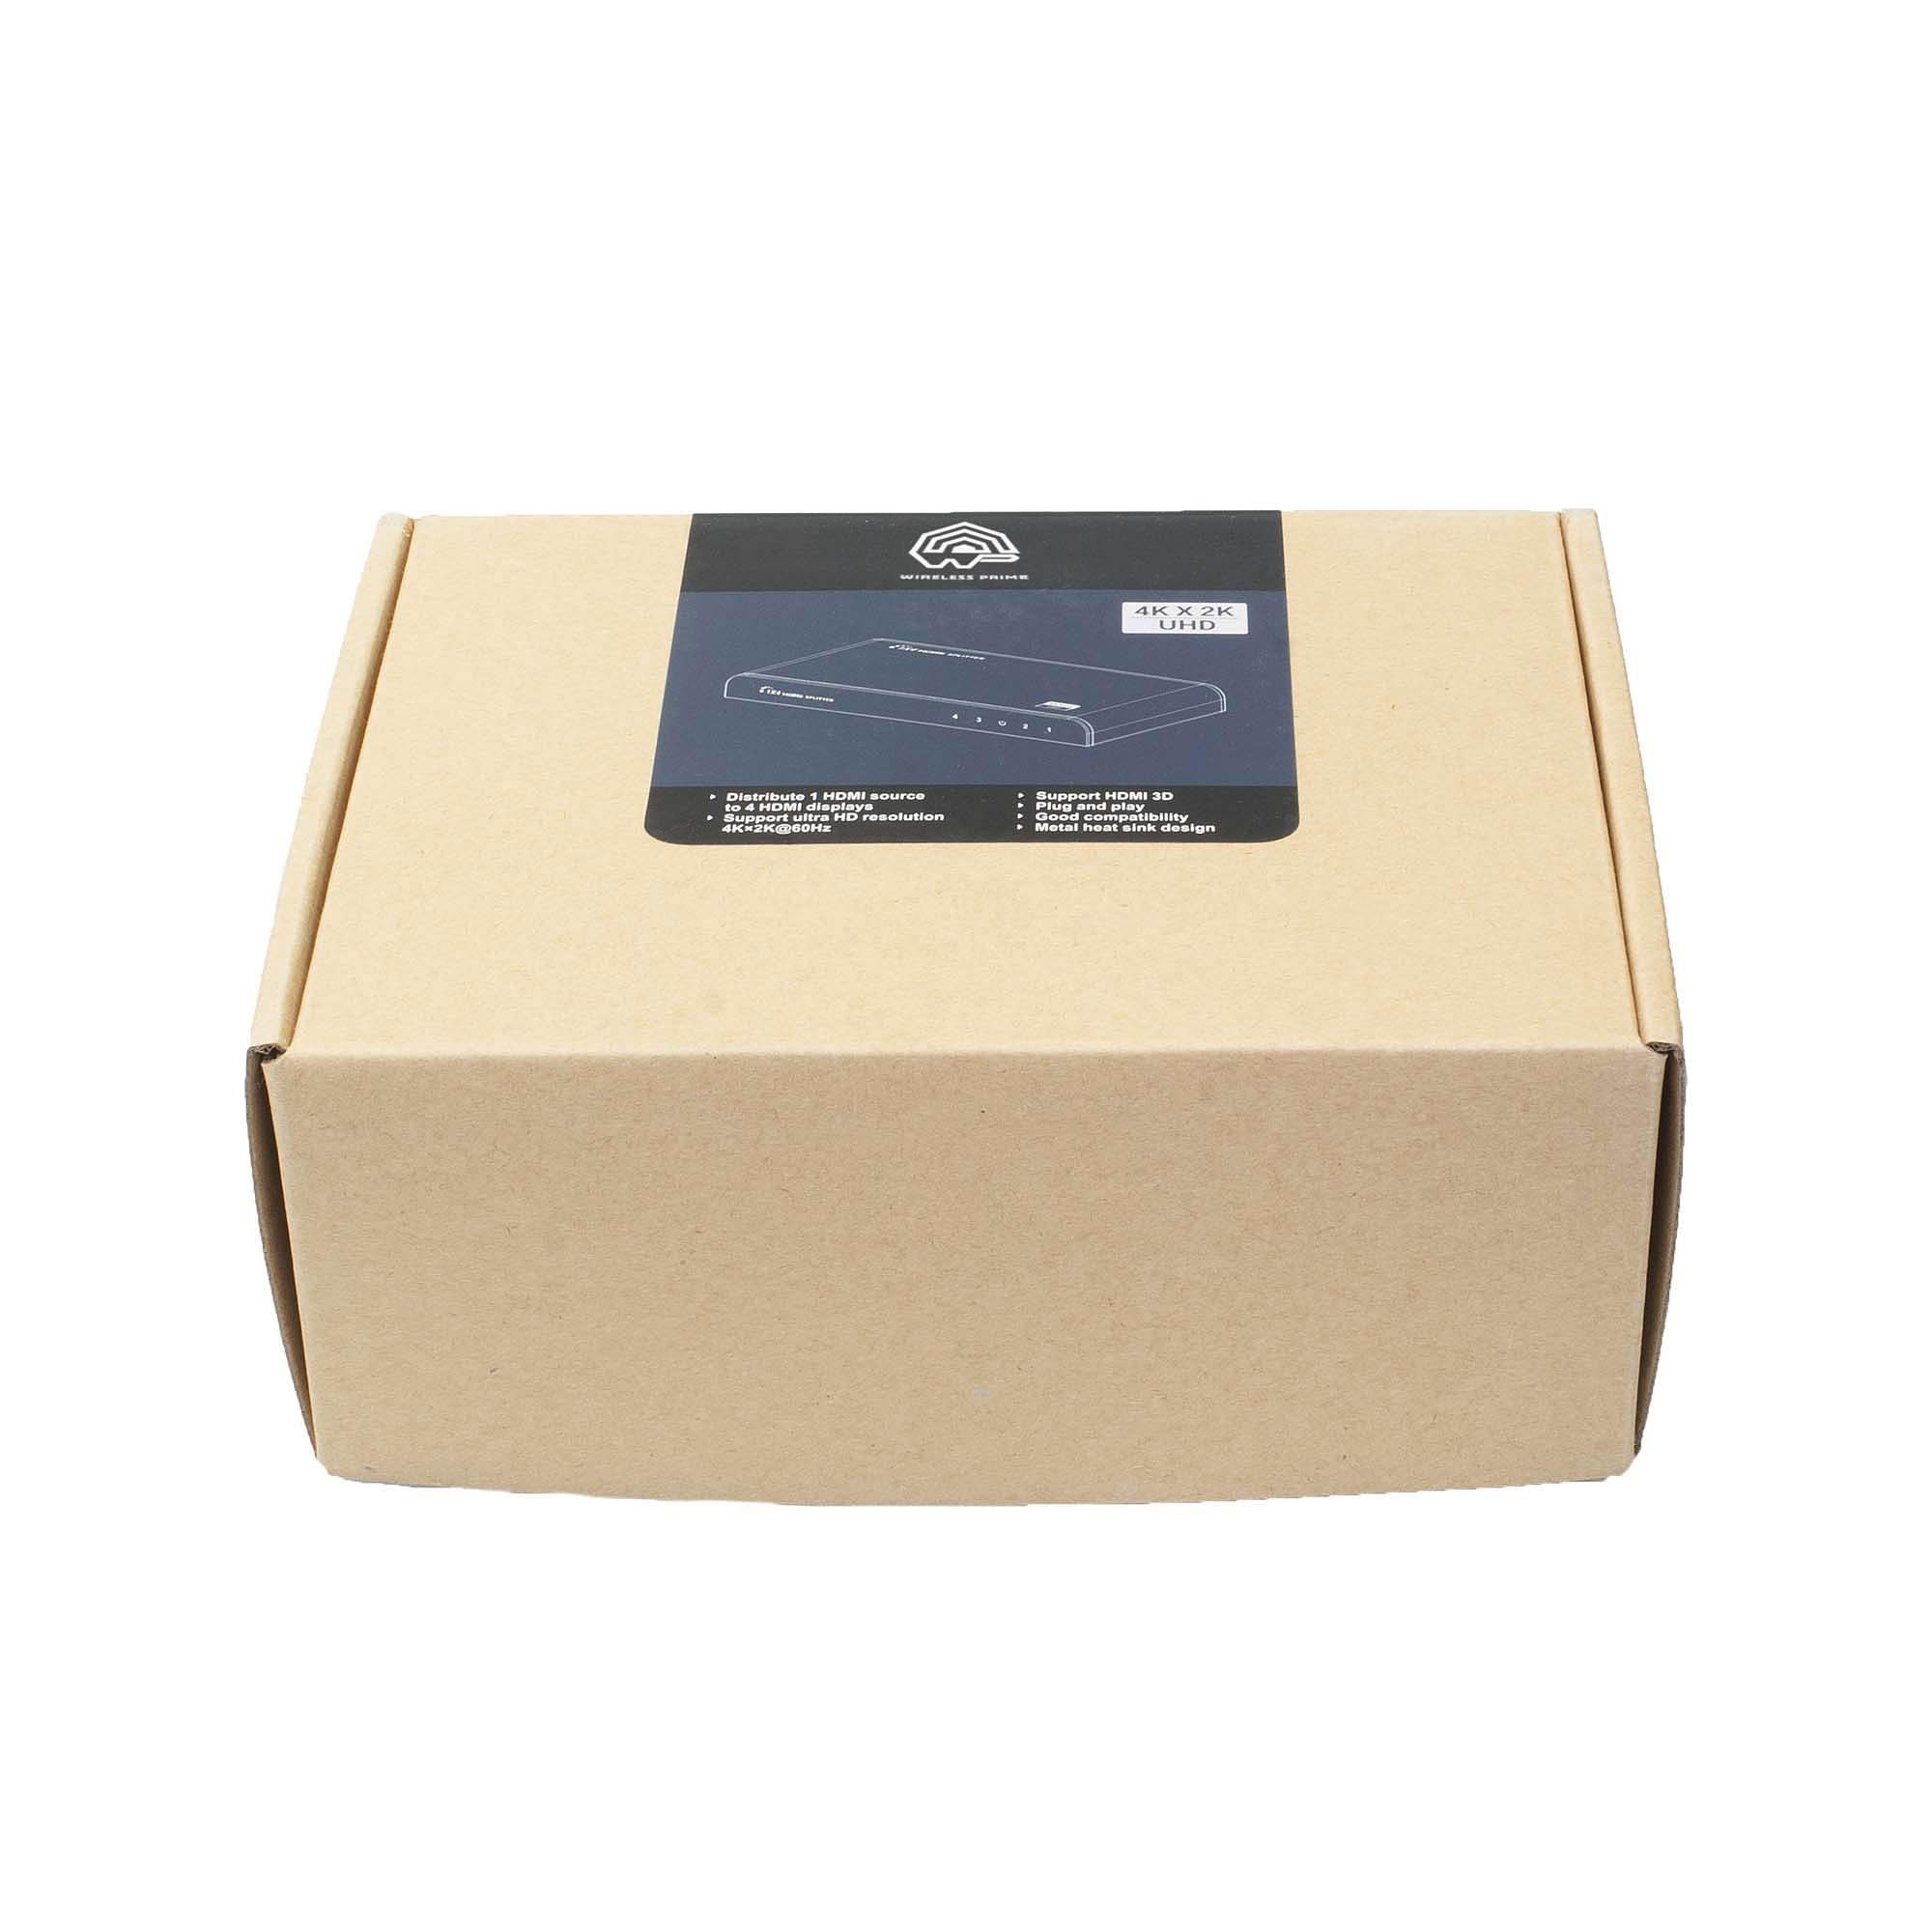 1x4_HDMI_Splitter_Box